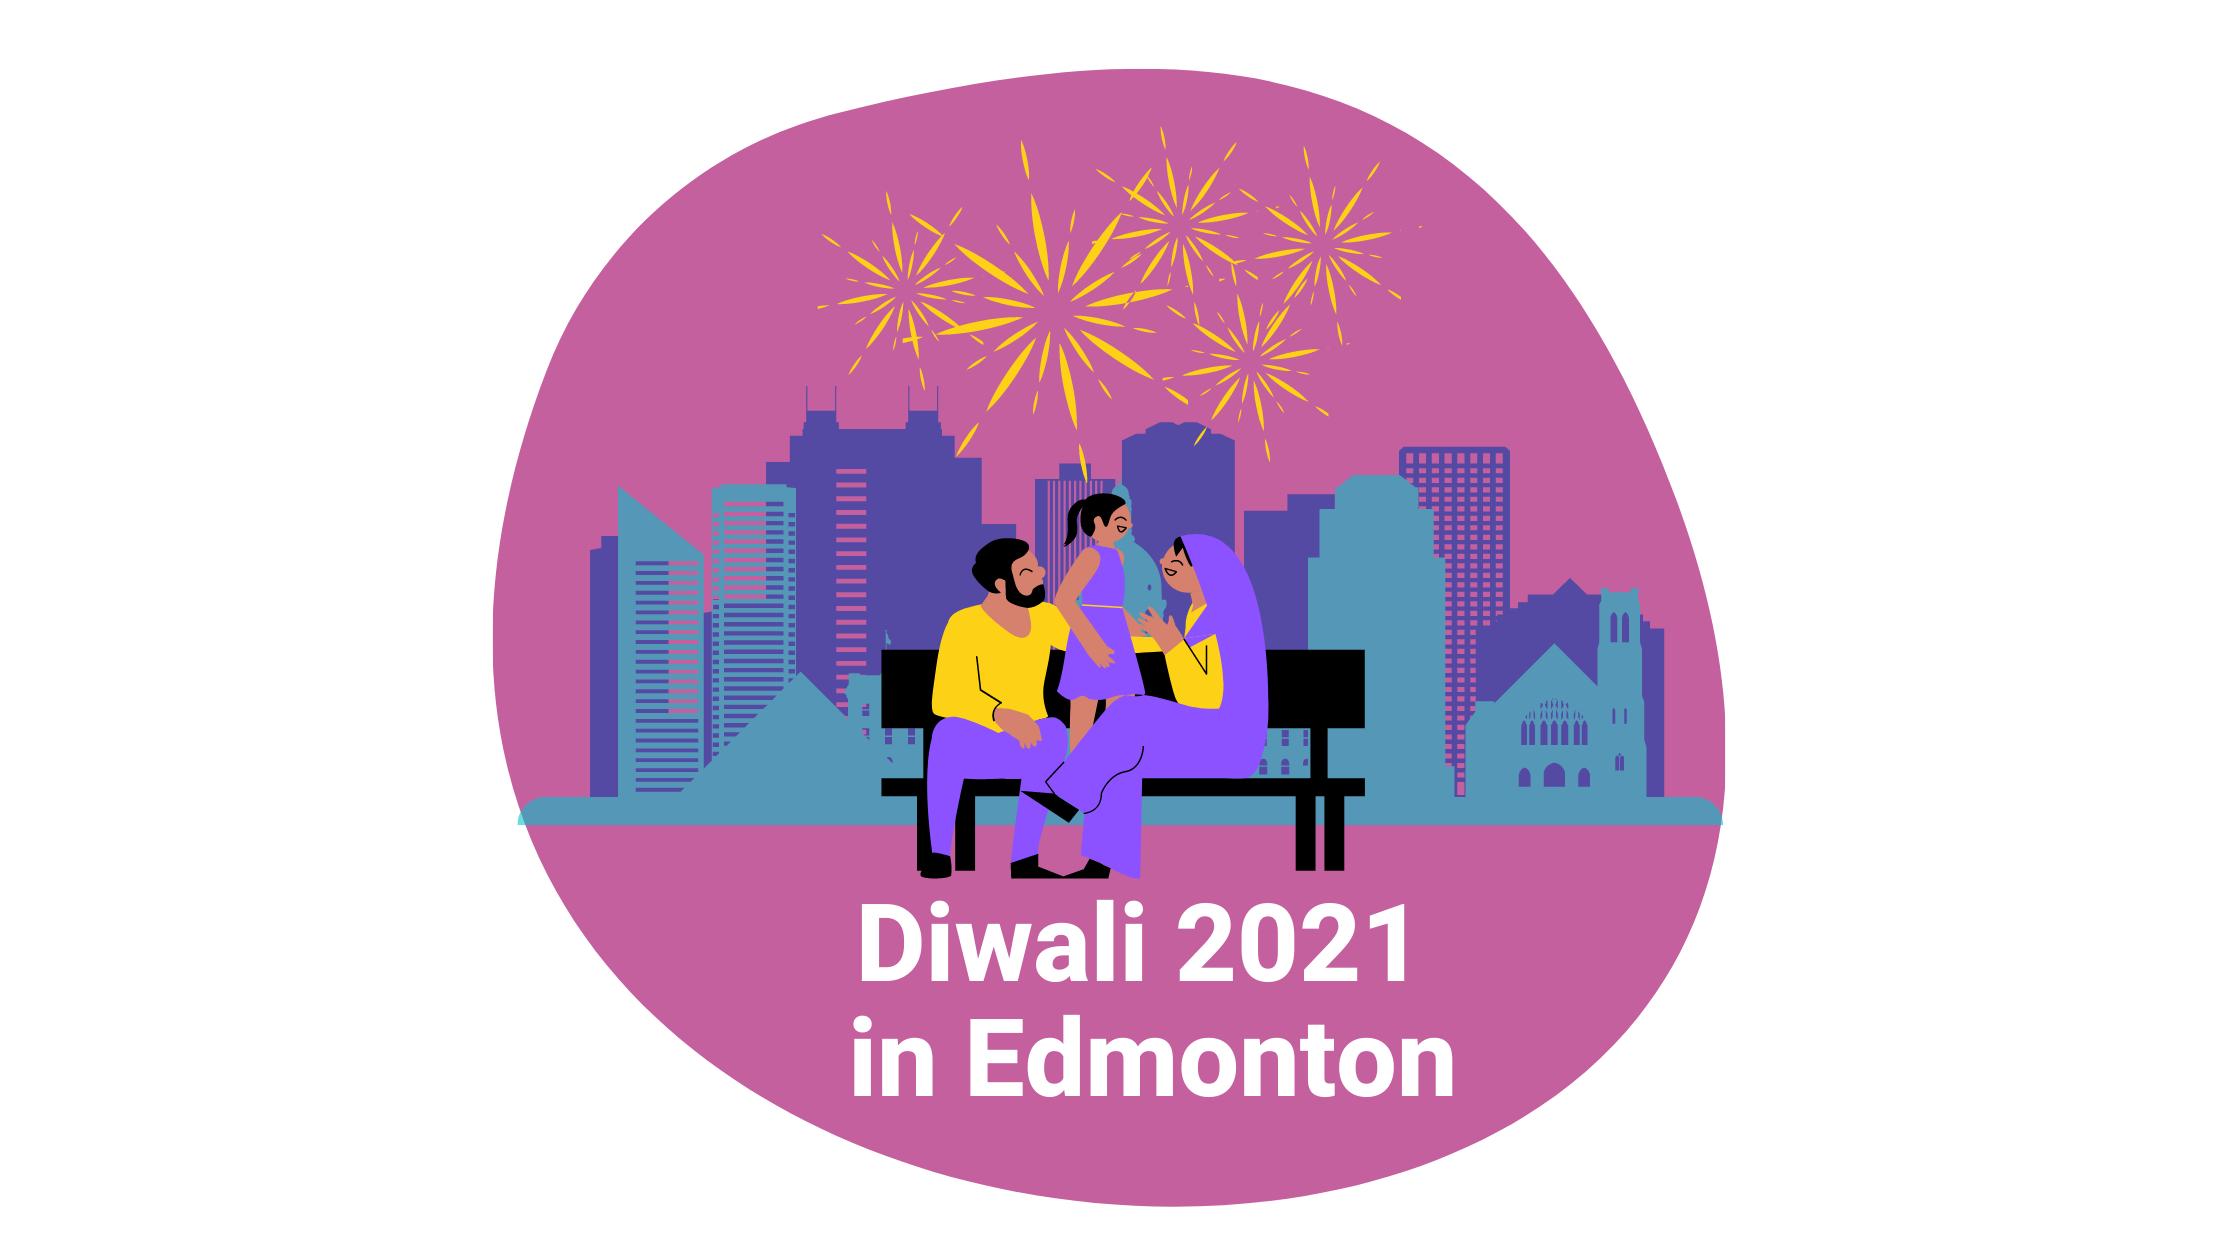 Diwali Festival in Edmonton 2021